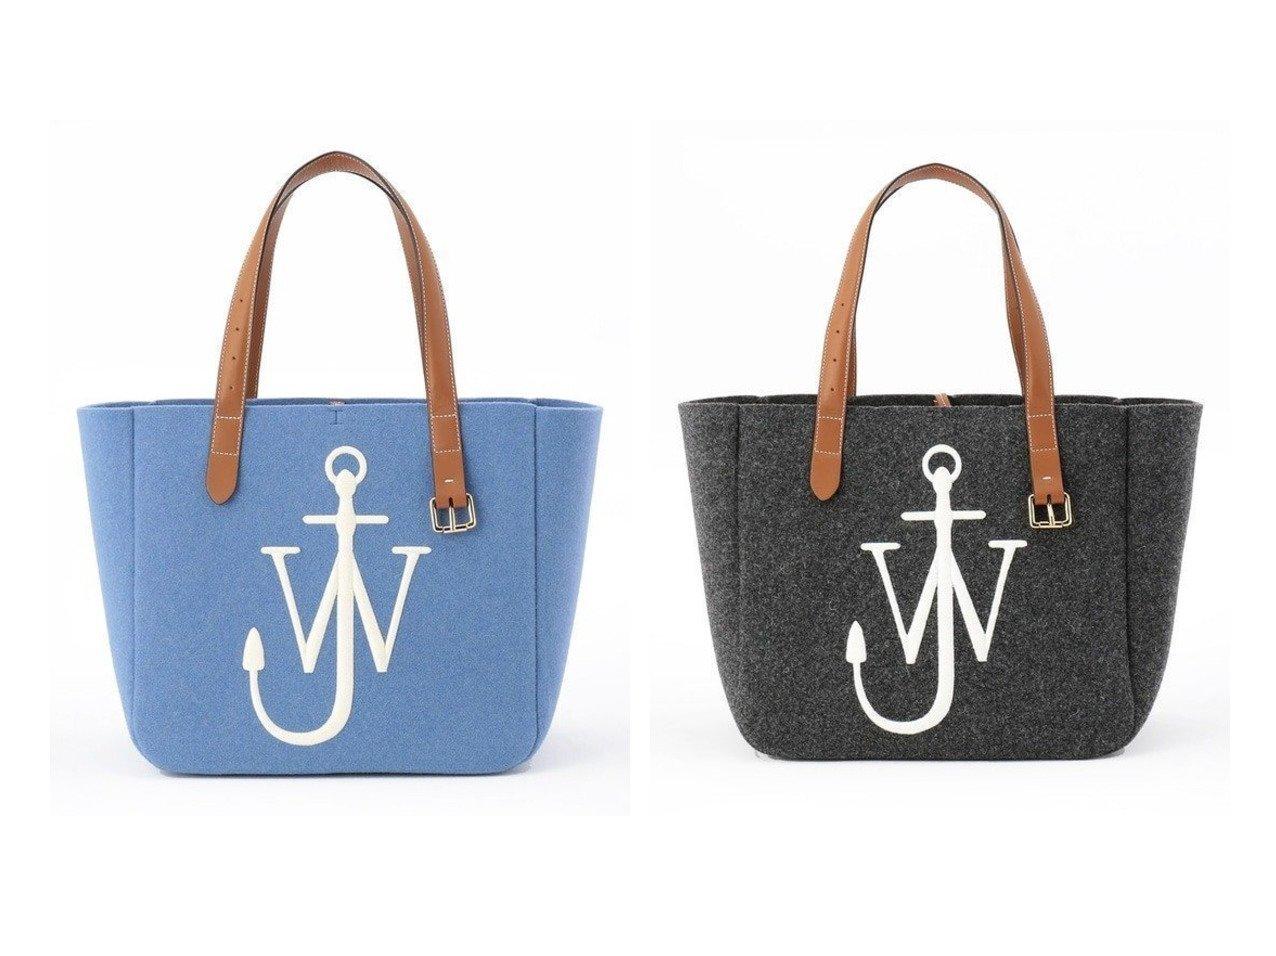 【VIA BUS STOP/ヴィア バス ストップ】のJ.W. ANDERSON アンカー トートバッグ バッグ・鞄のおすすめ!人気、レディースファッションの通販 おすすめで人気のファッション通販商品 インテリア・家具・キッズファッション・メンズファッション・レディースファッション・服の通販 founy(ファニー) https://founy.com/ ファッション Fashion レディース WOMEN バッグ Bag フェルト ポケット メンズ |ID:crp329100000004929